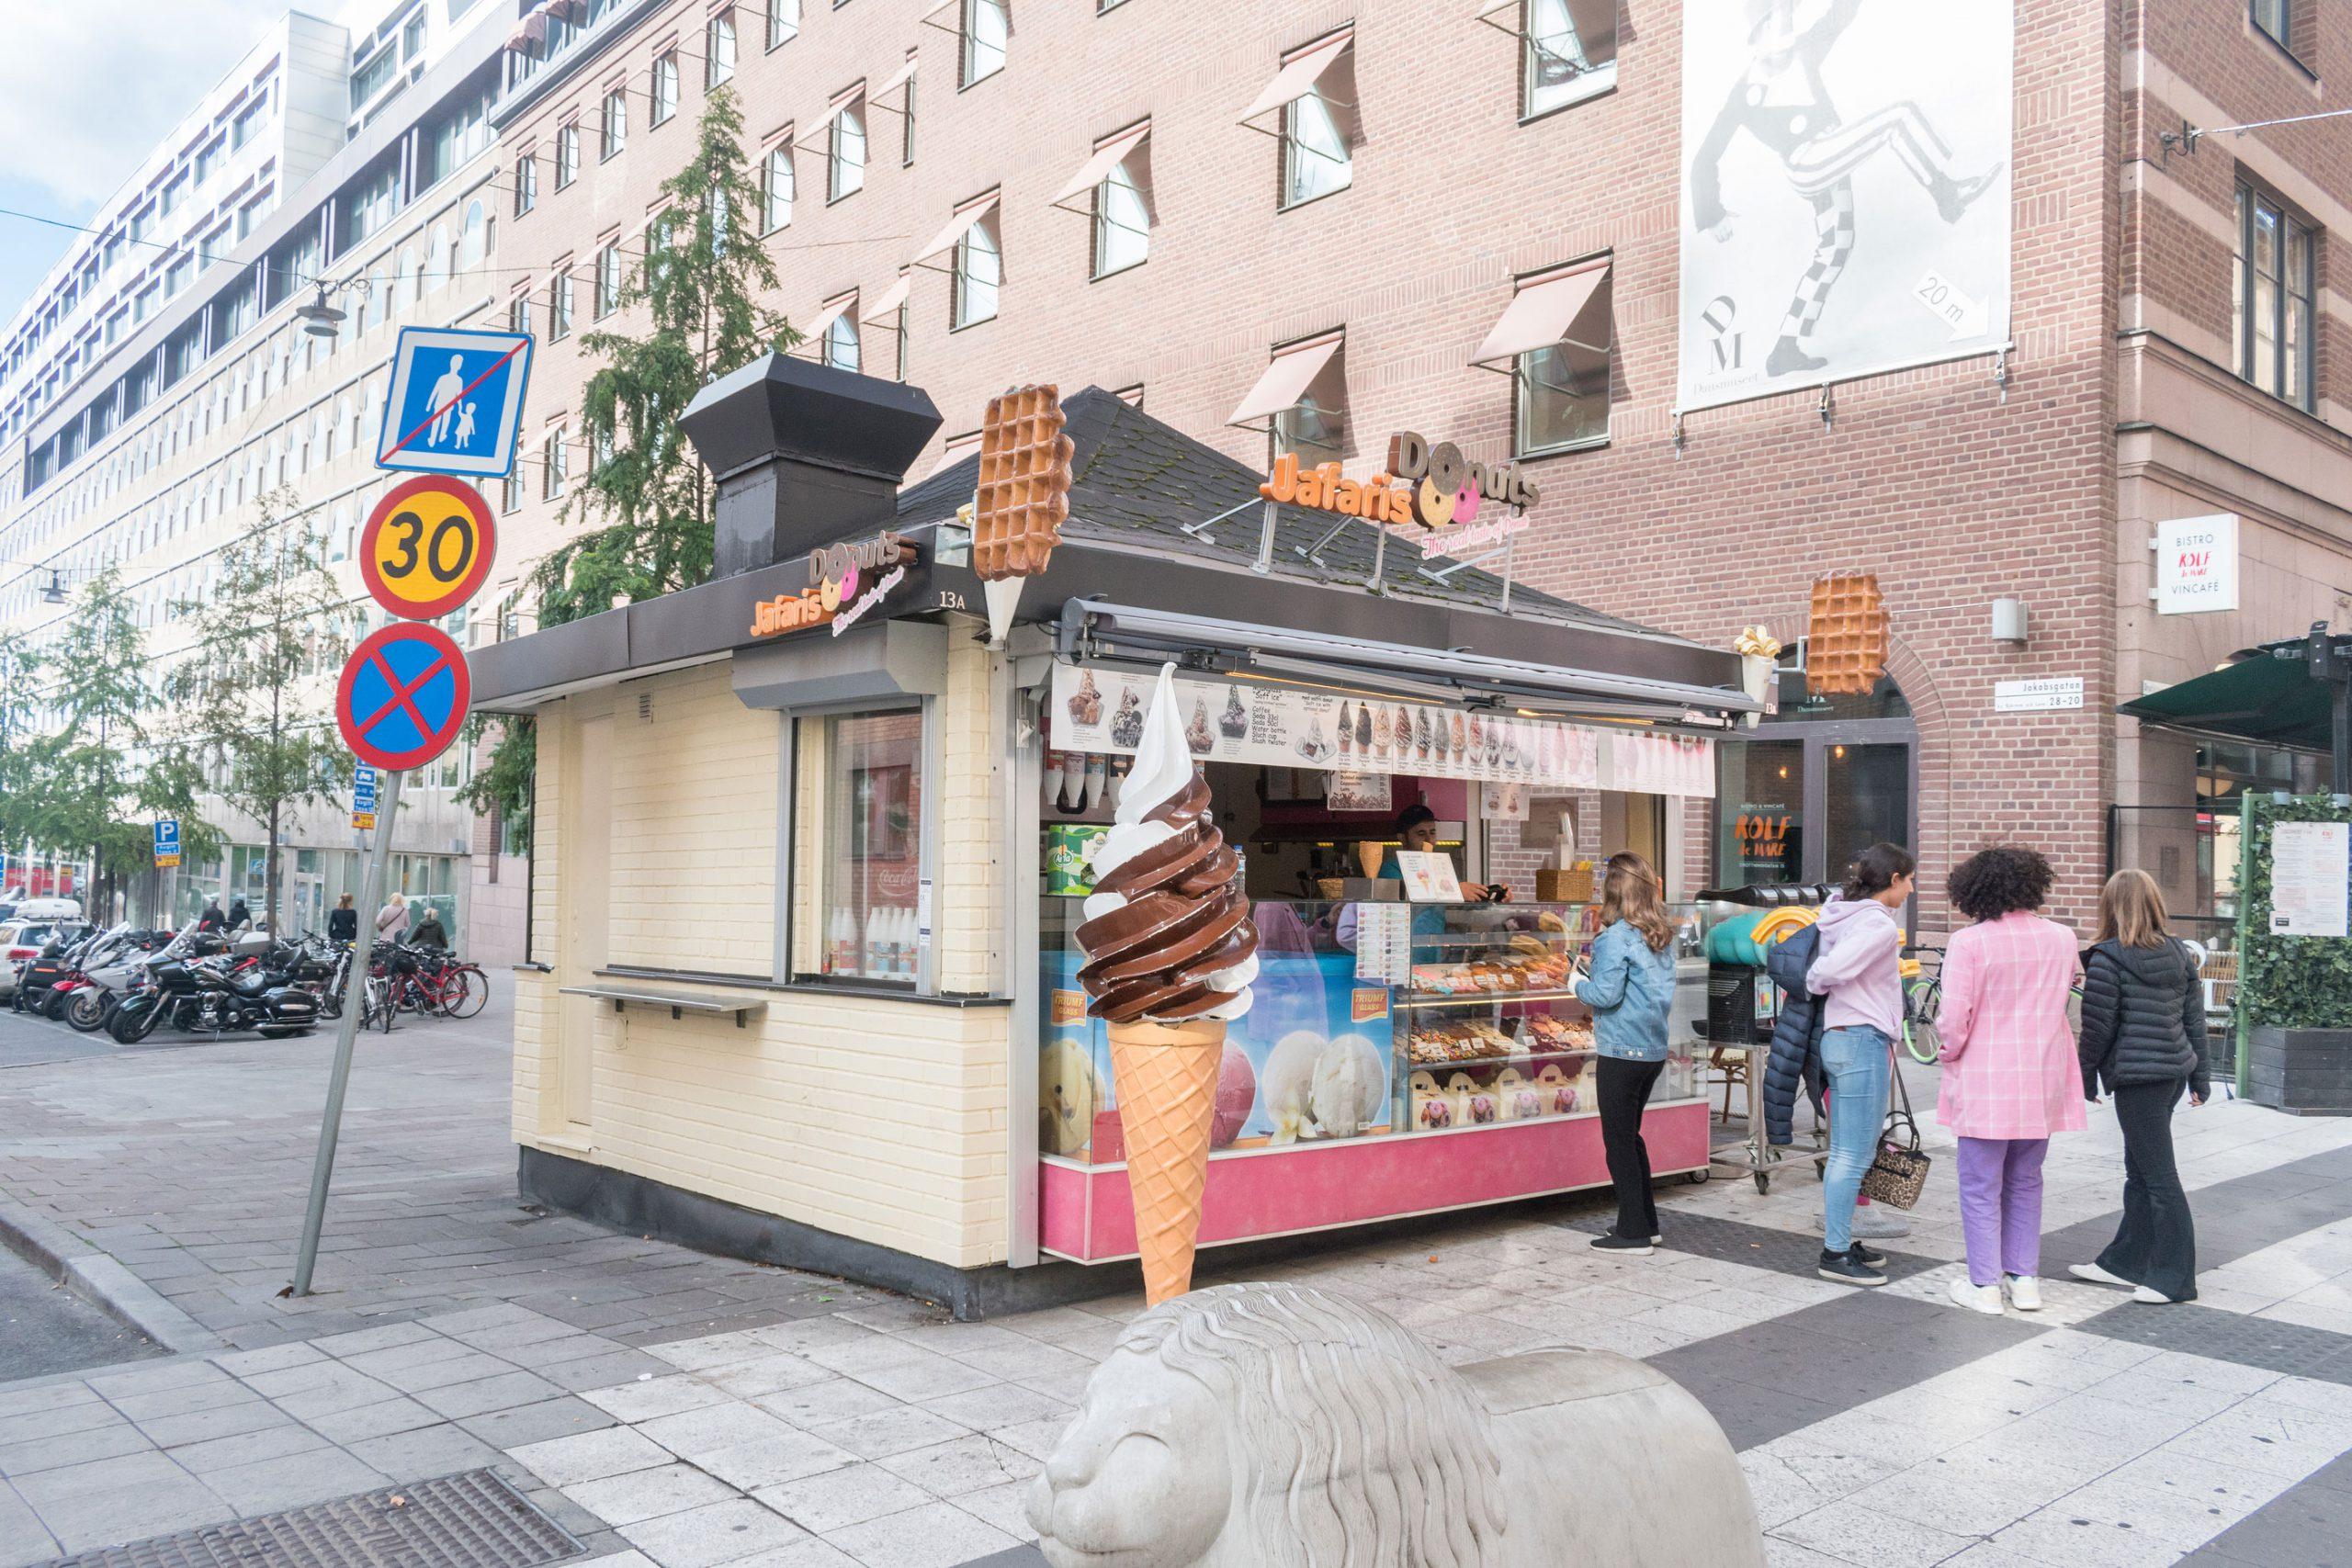 mat Sverige is billig levekostnader restauranter Stockholm